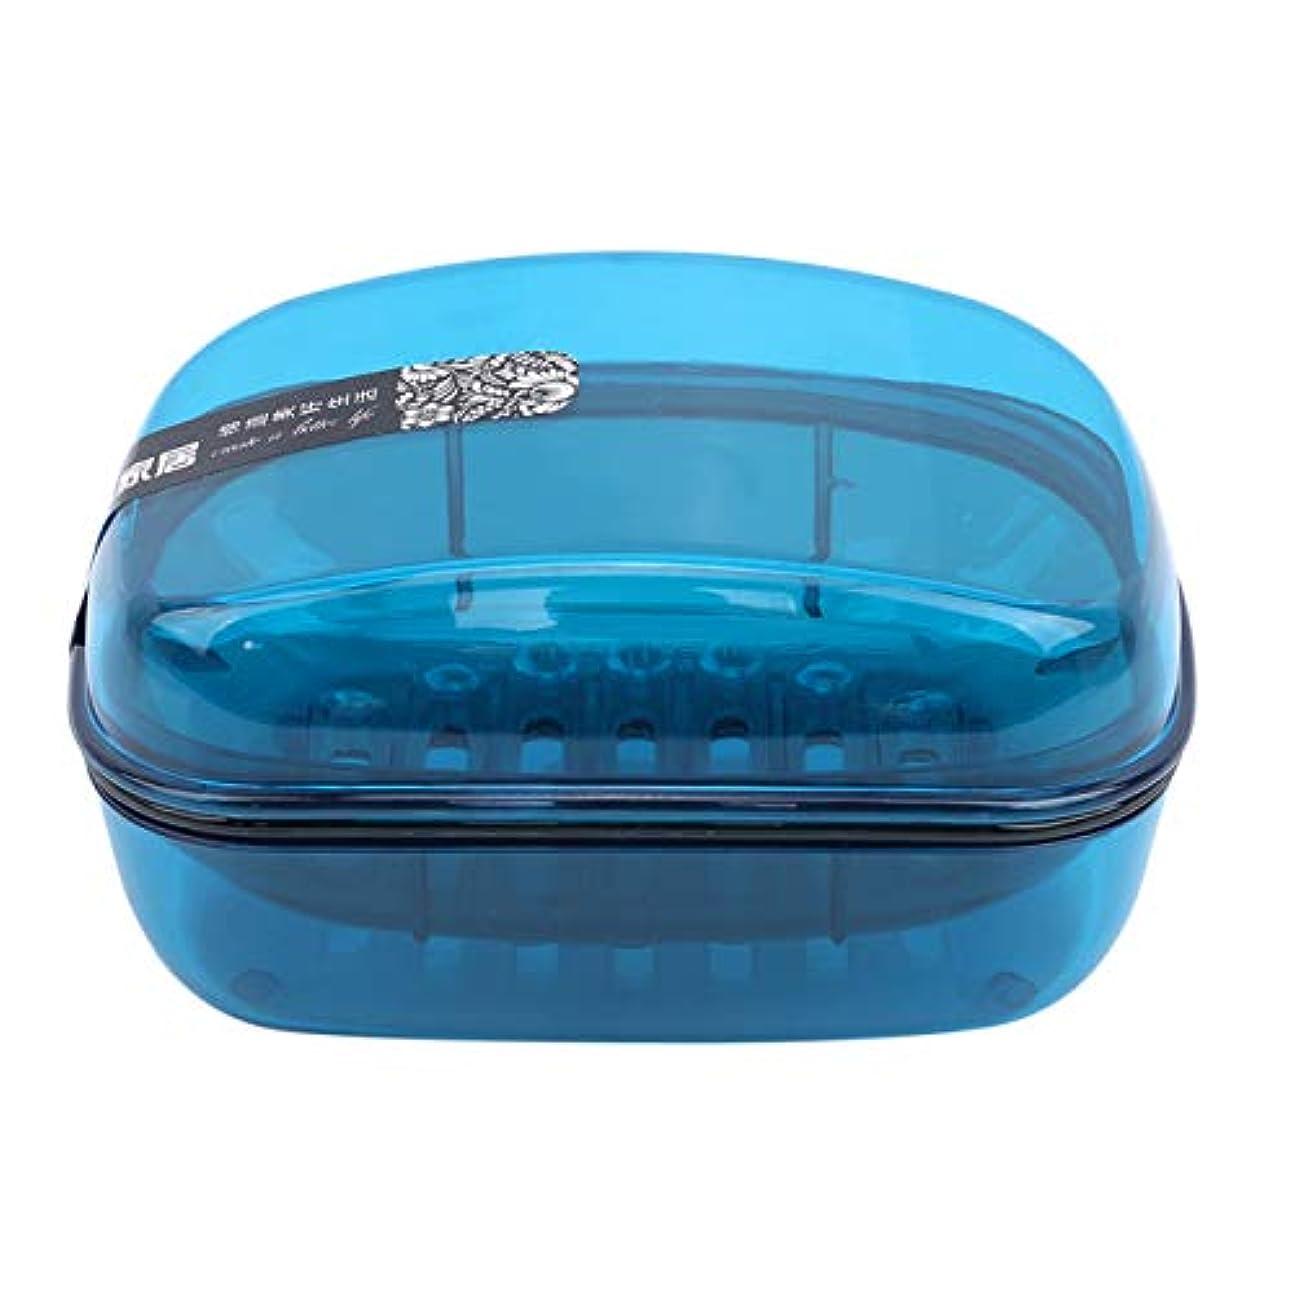 リレー卒業記念アルバム割り当てますZALING石鹸収納ボックス皿バスルームアクセサリーソープボックスケースホルダー付きカバーブルー